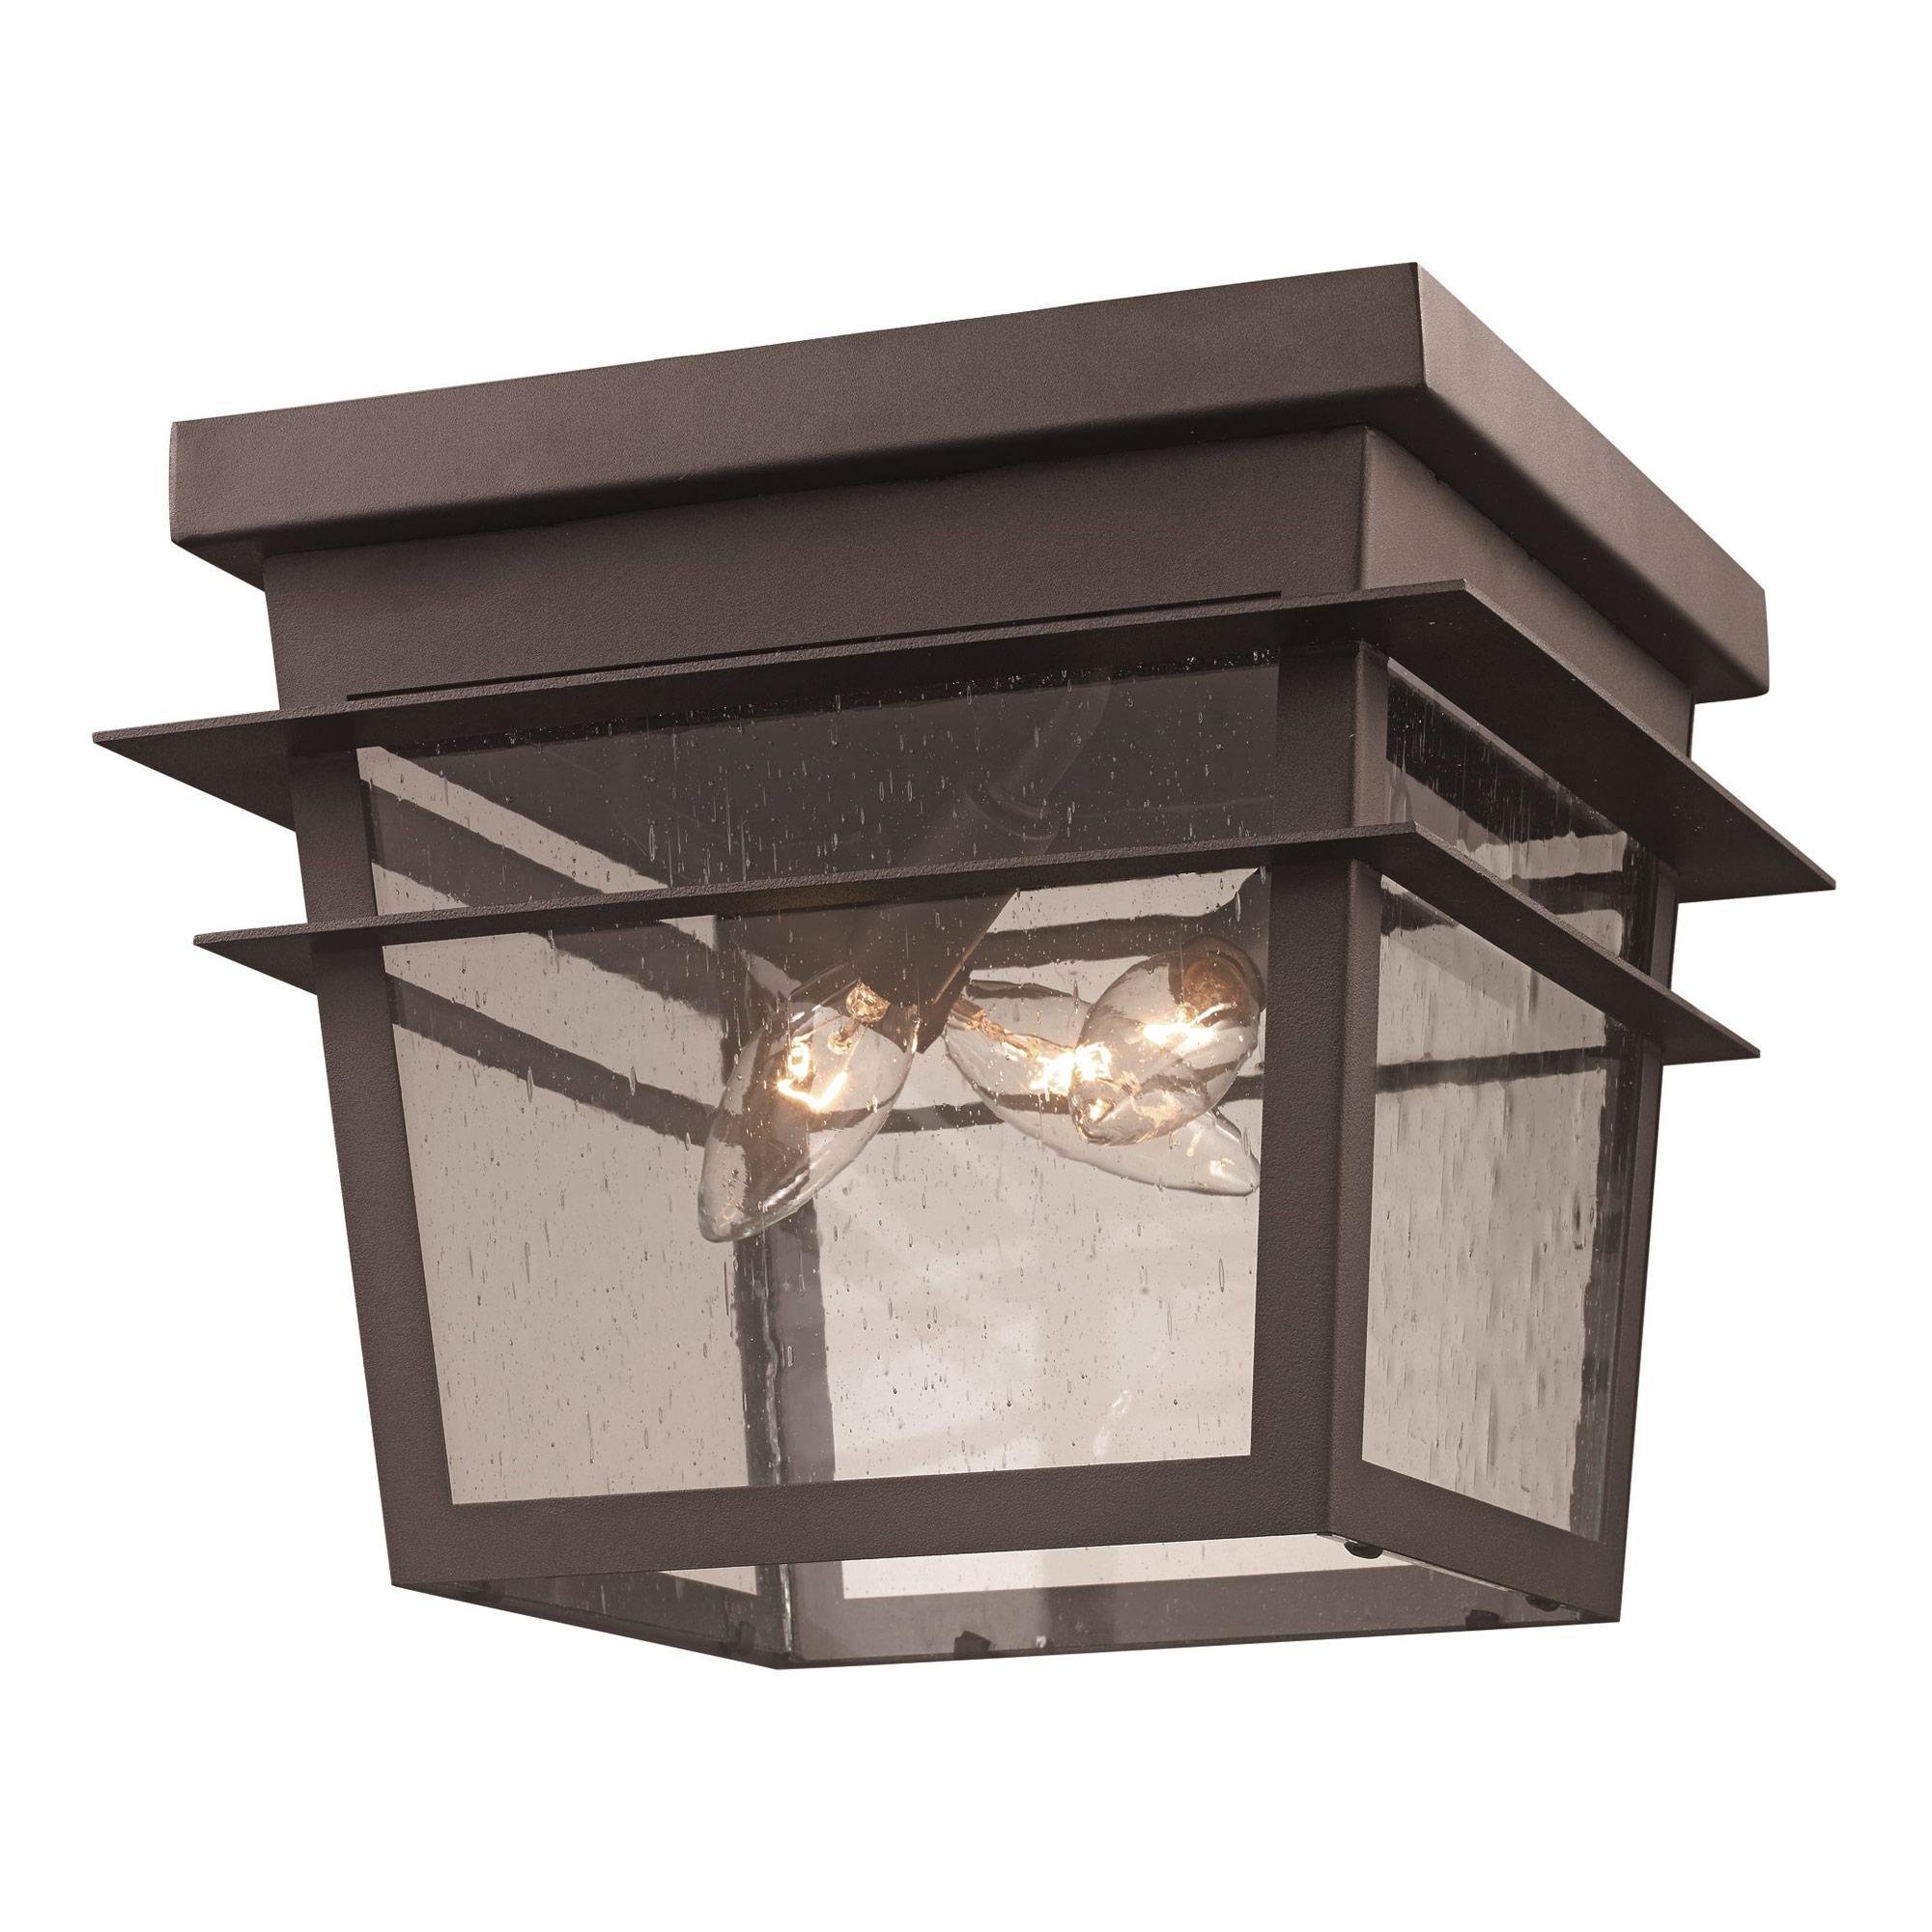 Craftsman Outdoor Ceiling Light Fixture